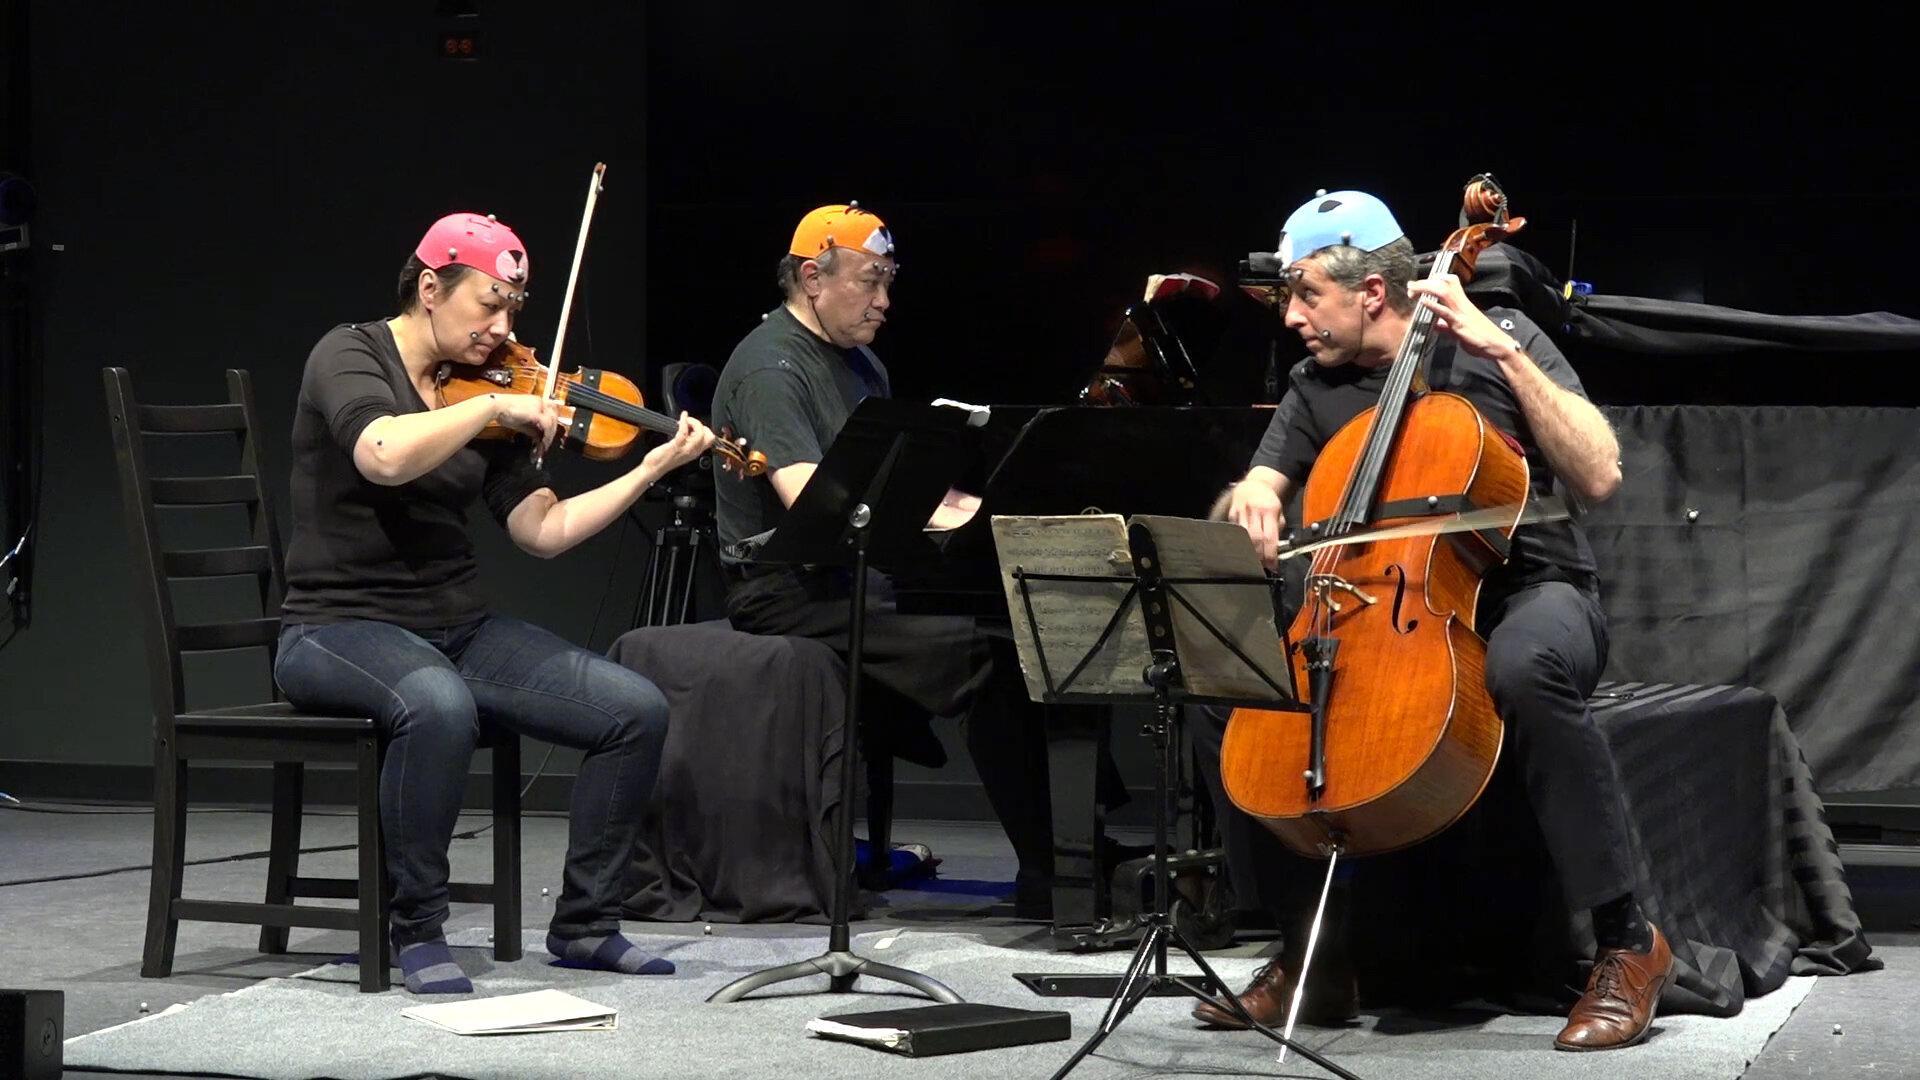 Эмоции помогли музыкантам лучше синхронизировать действия